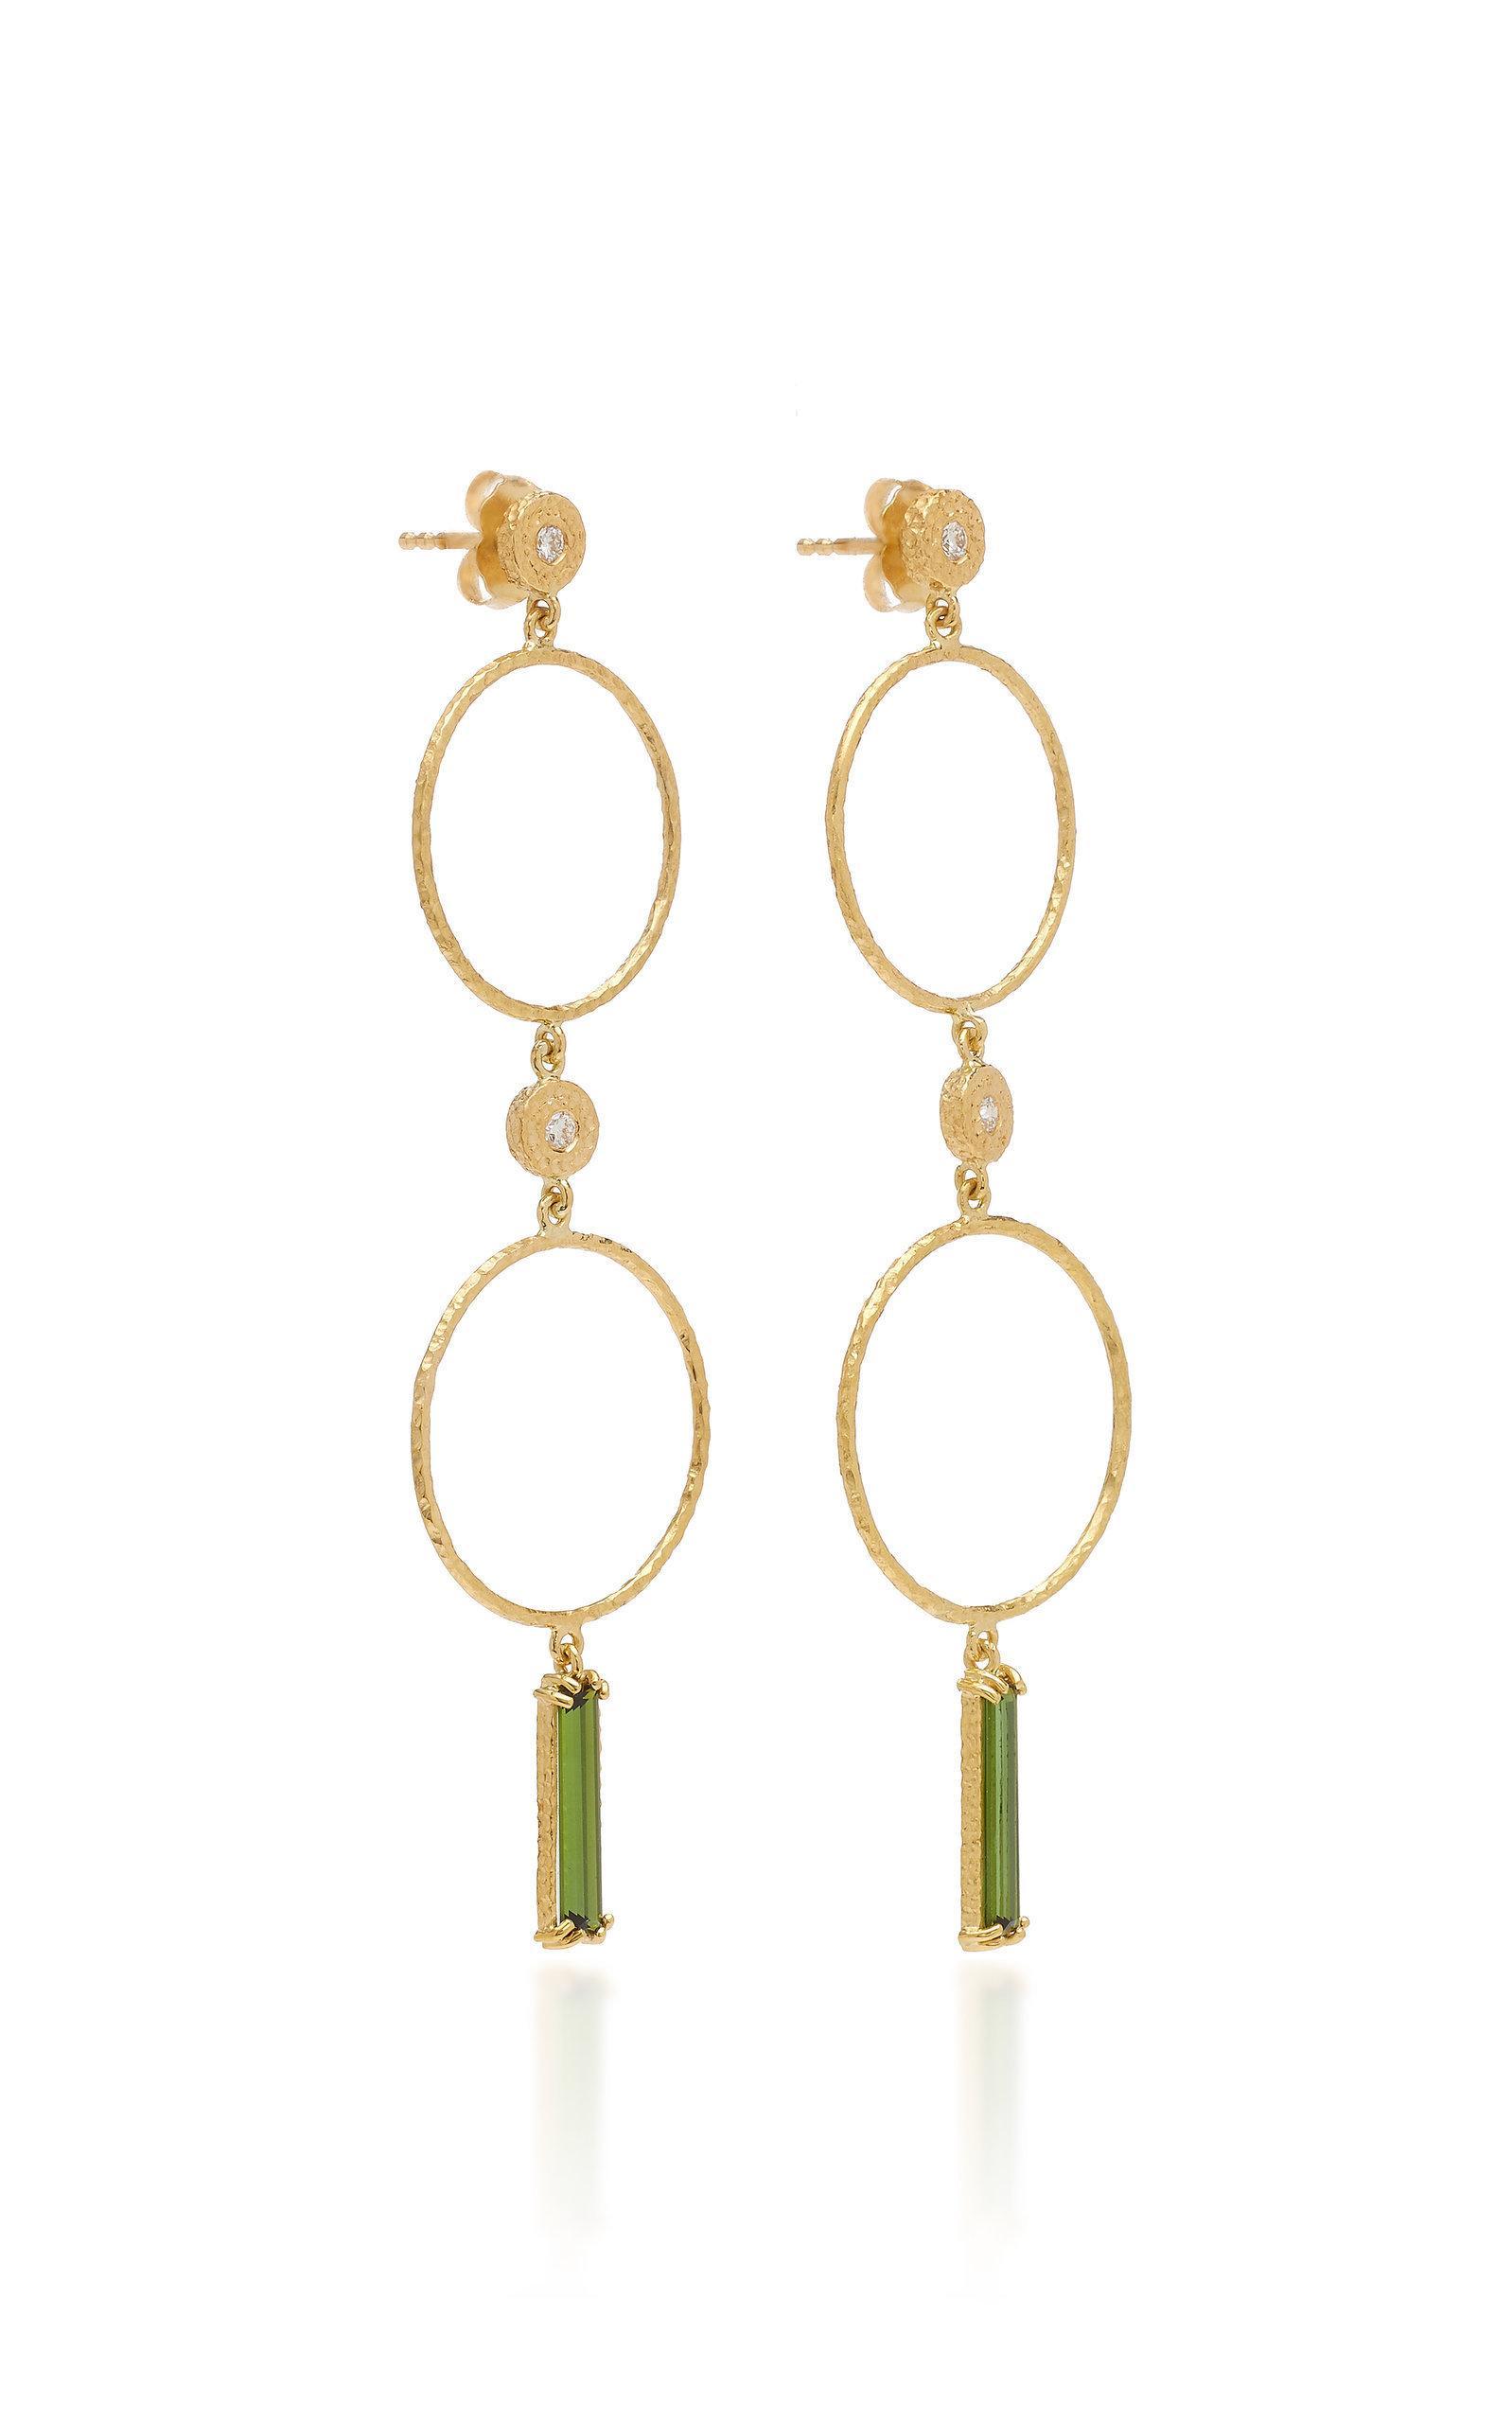 e21f09134 Octavia Elizabeth Nesting Gem Tourmaline And 18K Gold Drop Earrings In Green